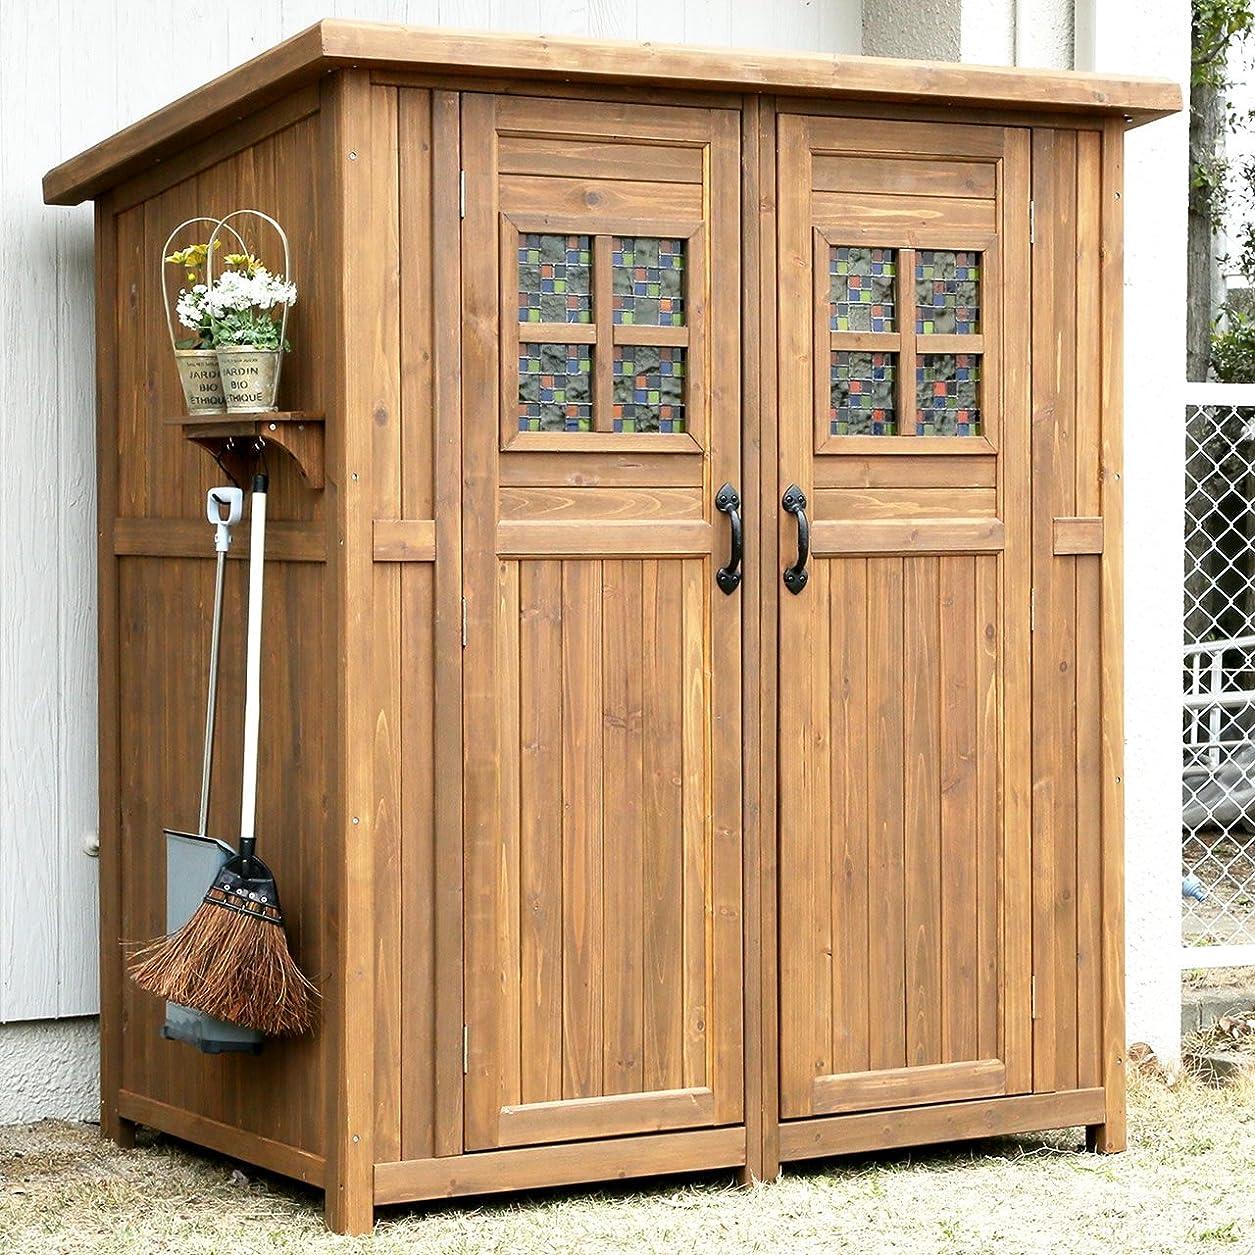 アミューズ堤防ルーキーガーデンガーデン 木製収納庫 物置 Potager ポタジェモザイク 木製物置小屋 (高さ177cm×幅156cm×奥行き106cm) ライトブラウン PTG-177LBR